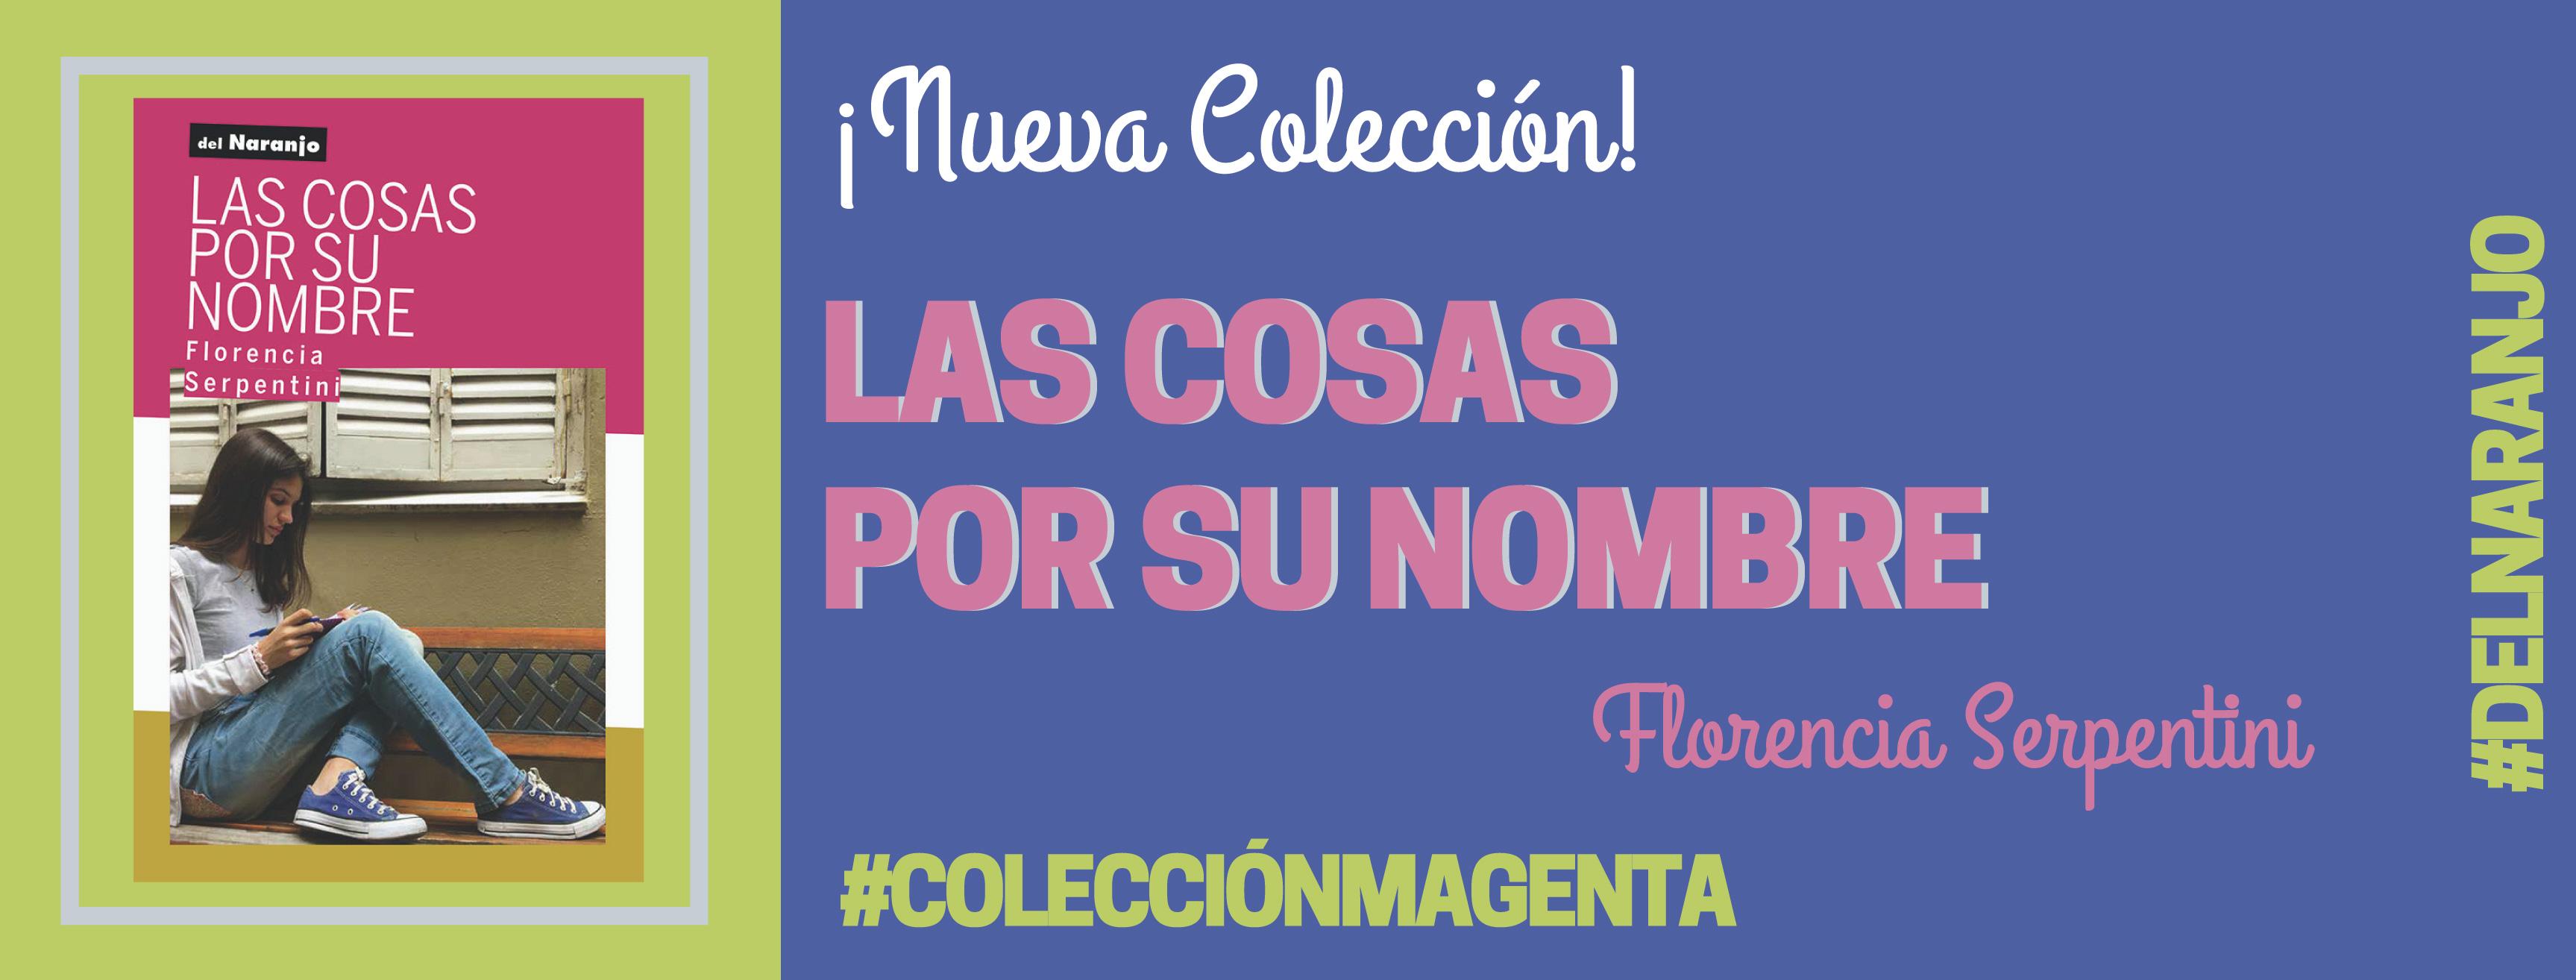 Nuevo Colección Magenta